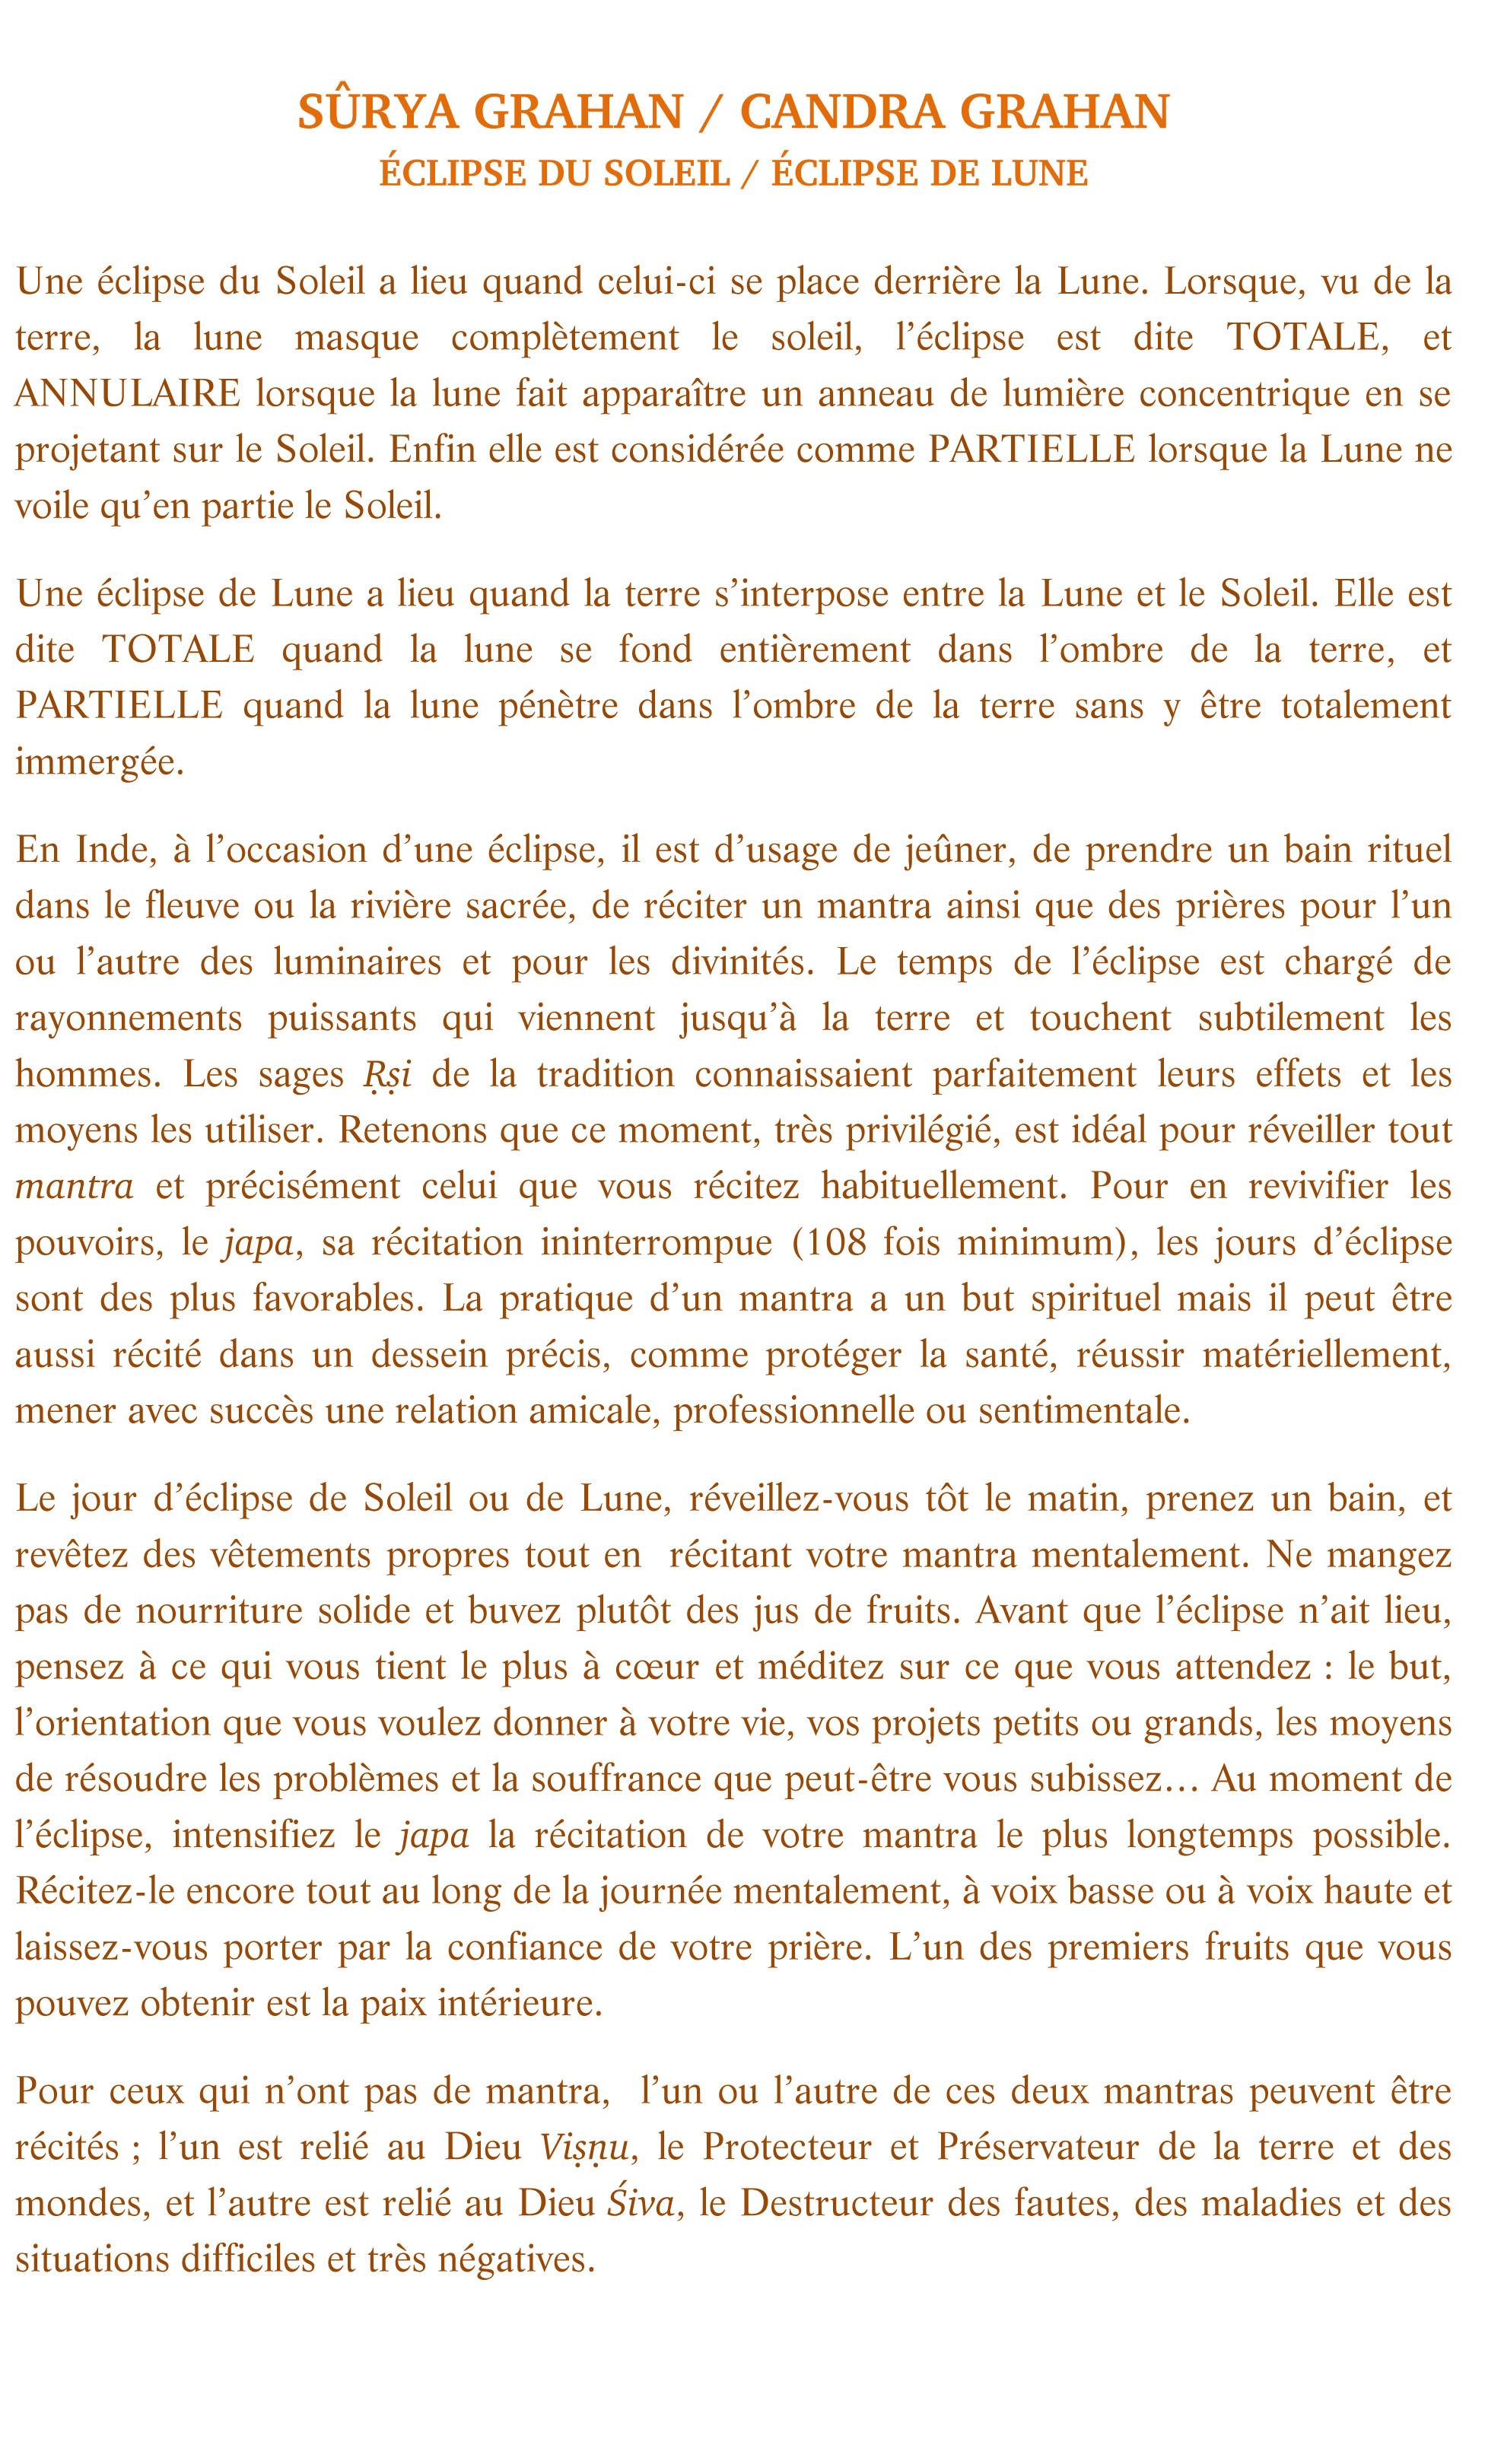 ECLIPSE DE SOLEIL LUNE-1